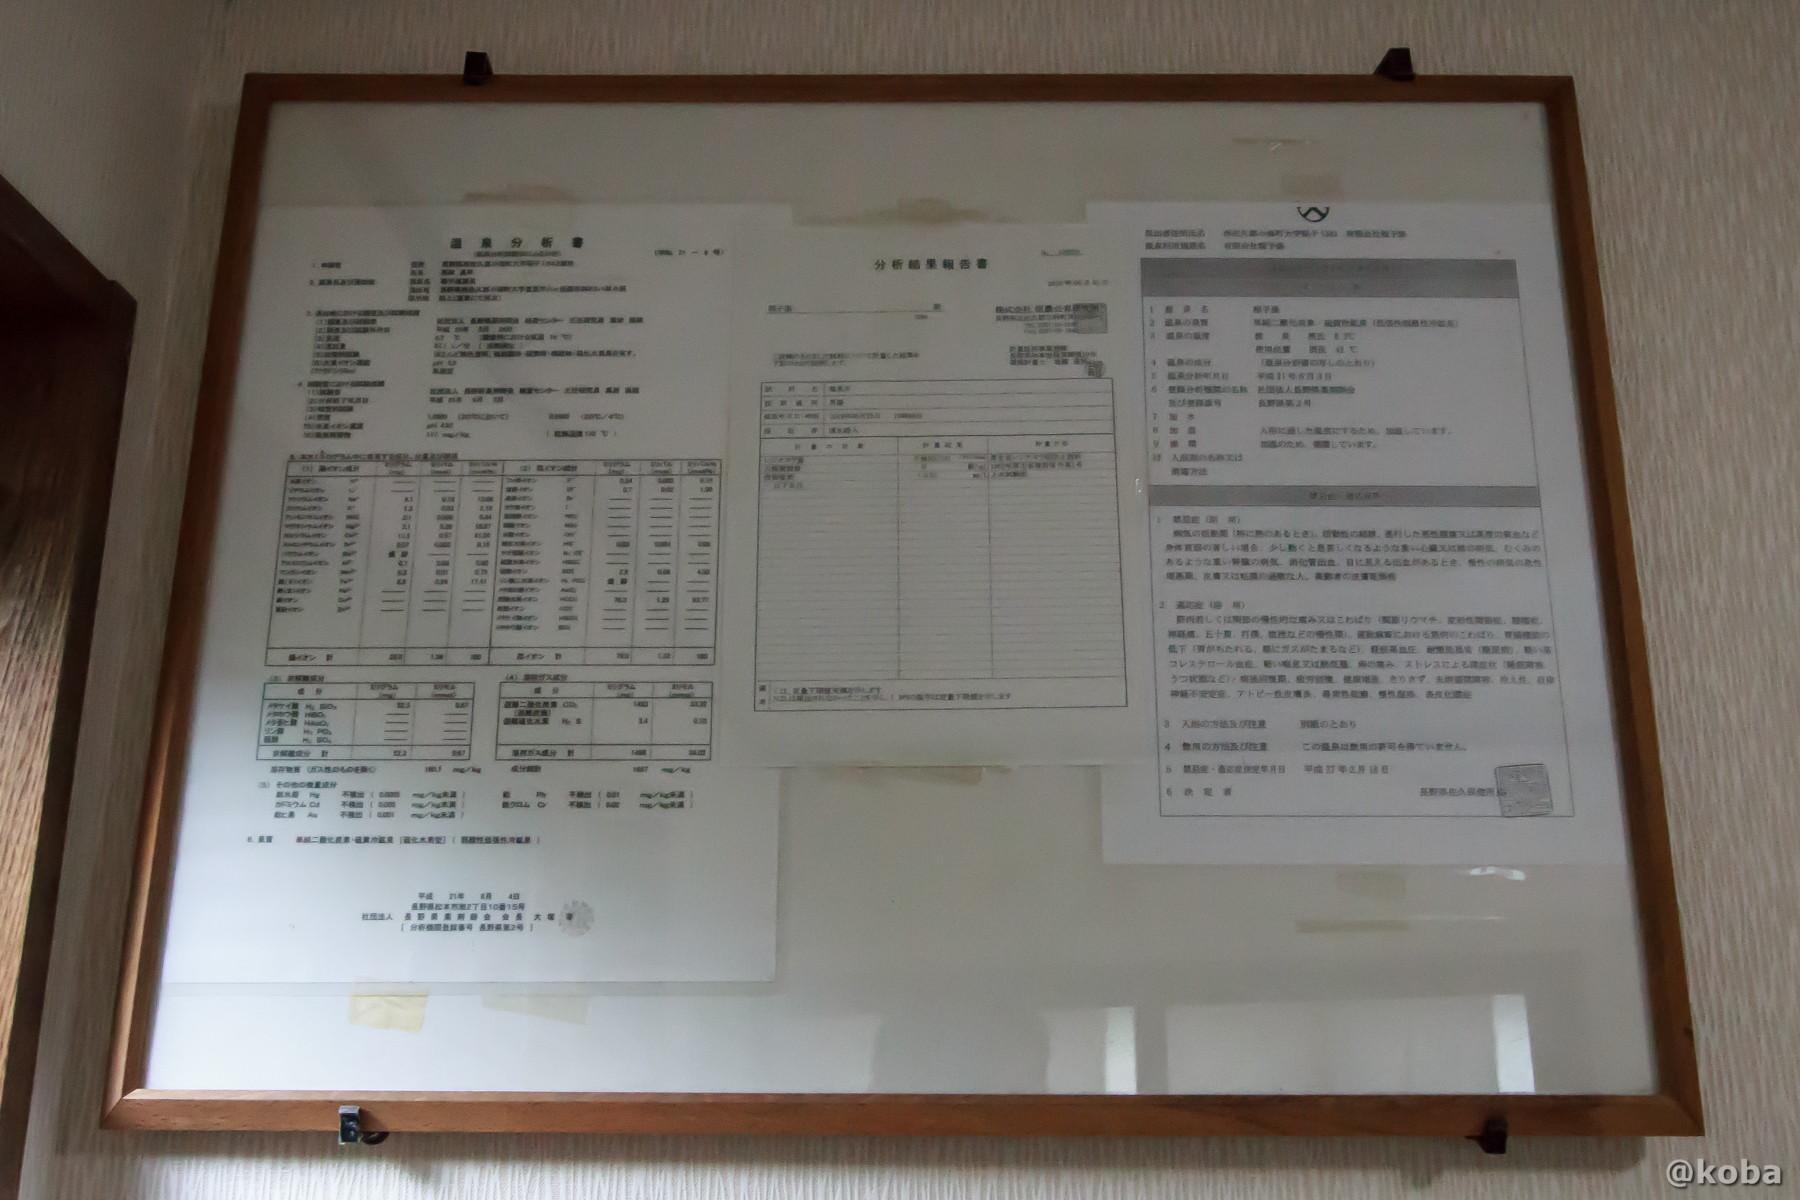 温泉分析表 泉質:二酸化炭素硫黄冷鉱泉 温度調整方式:加温式 PH4,9 二酸化炭素含有量 1094mg 稲子湯旅館 温泉 いなごゆおんせん 日帰り入浴